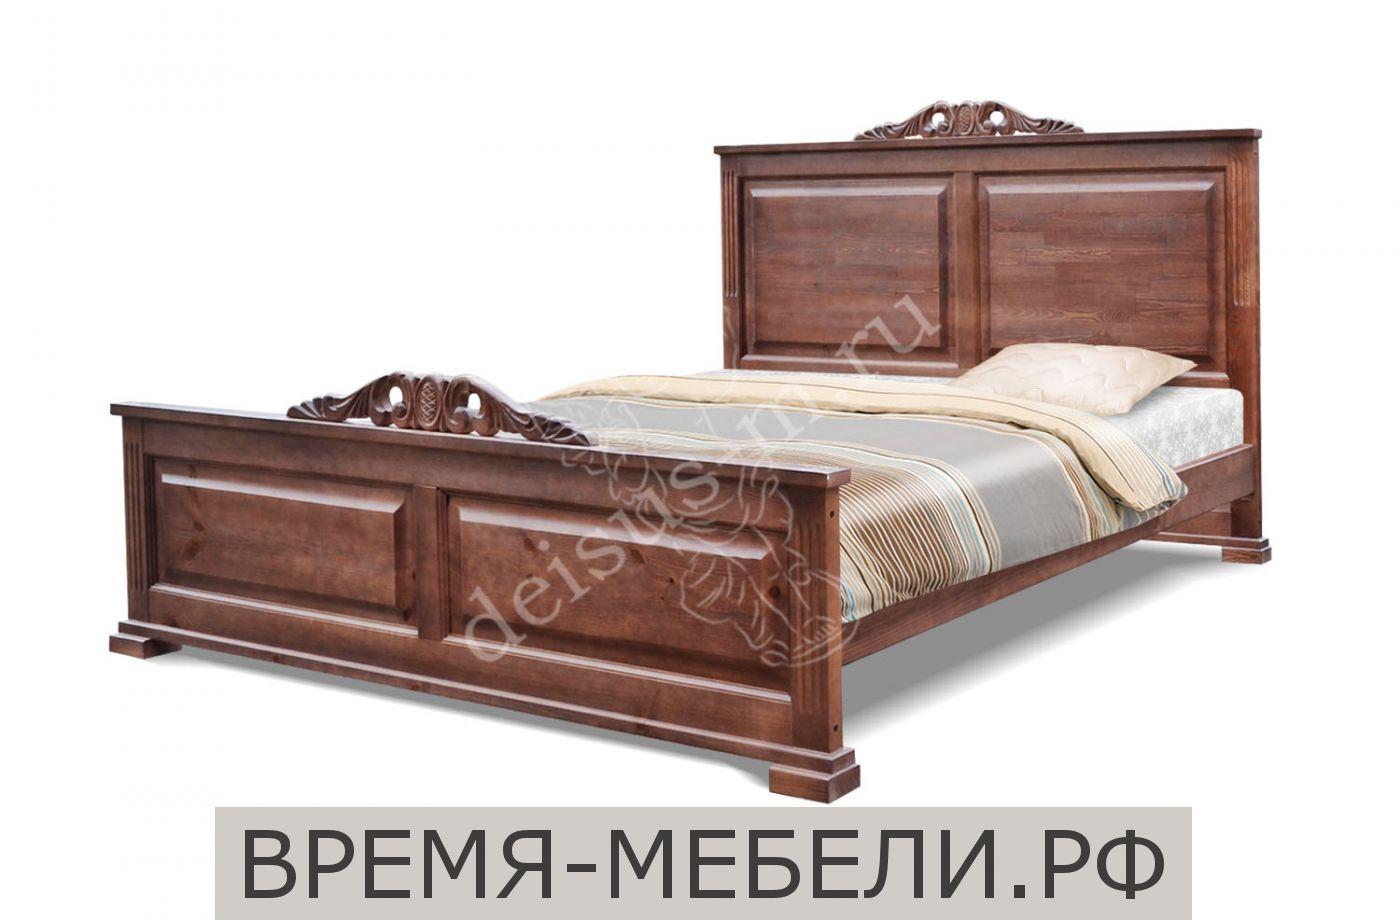 Кровать Грация-М с резьбой